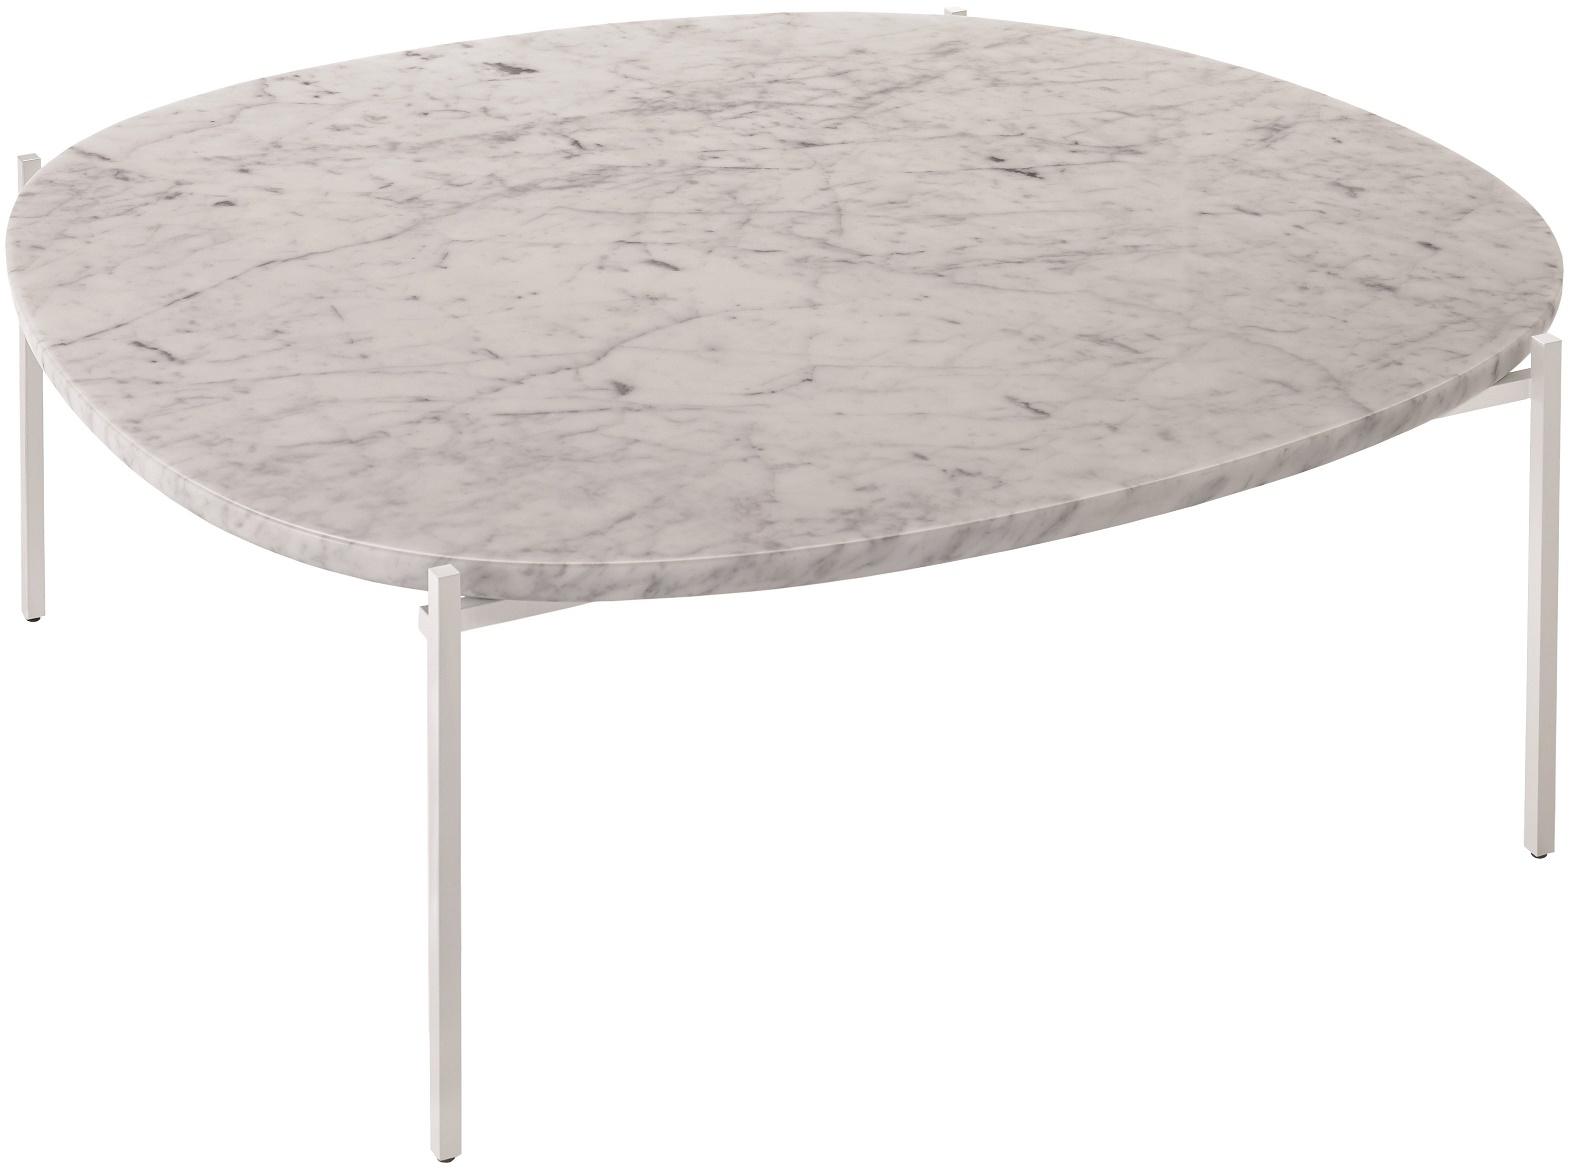 Tavolini da salotto giorgetti : Tavolini milia shop